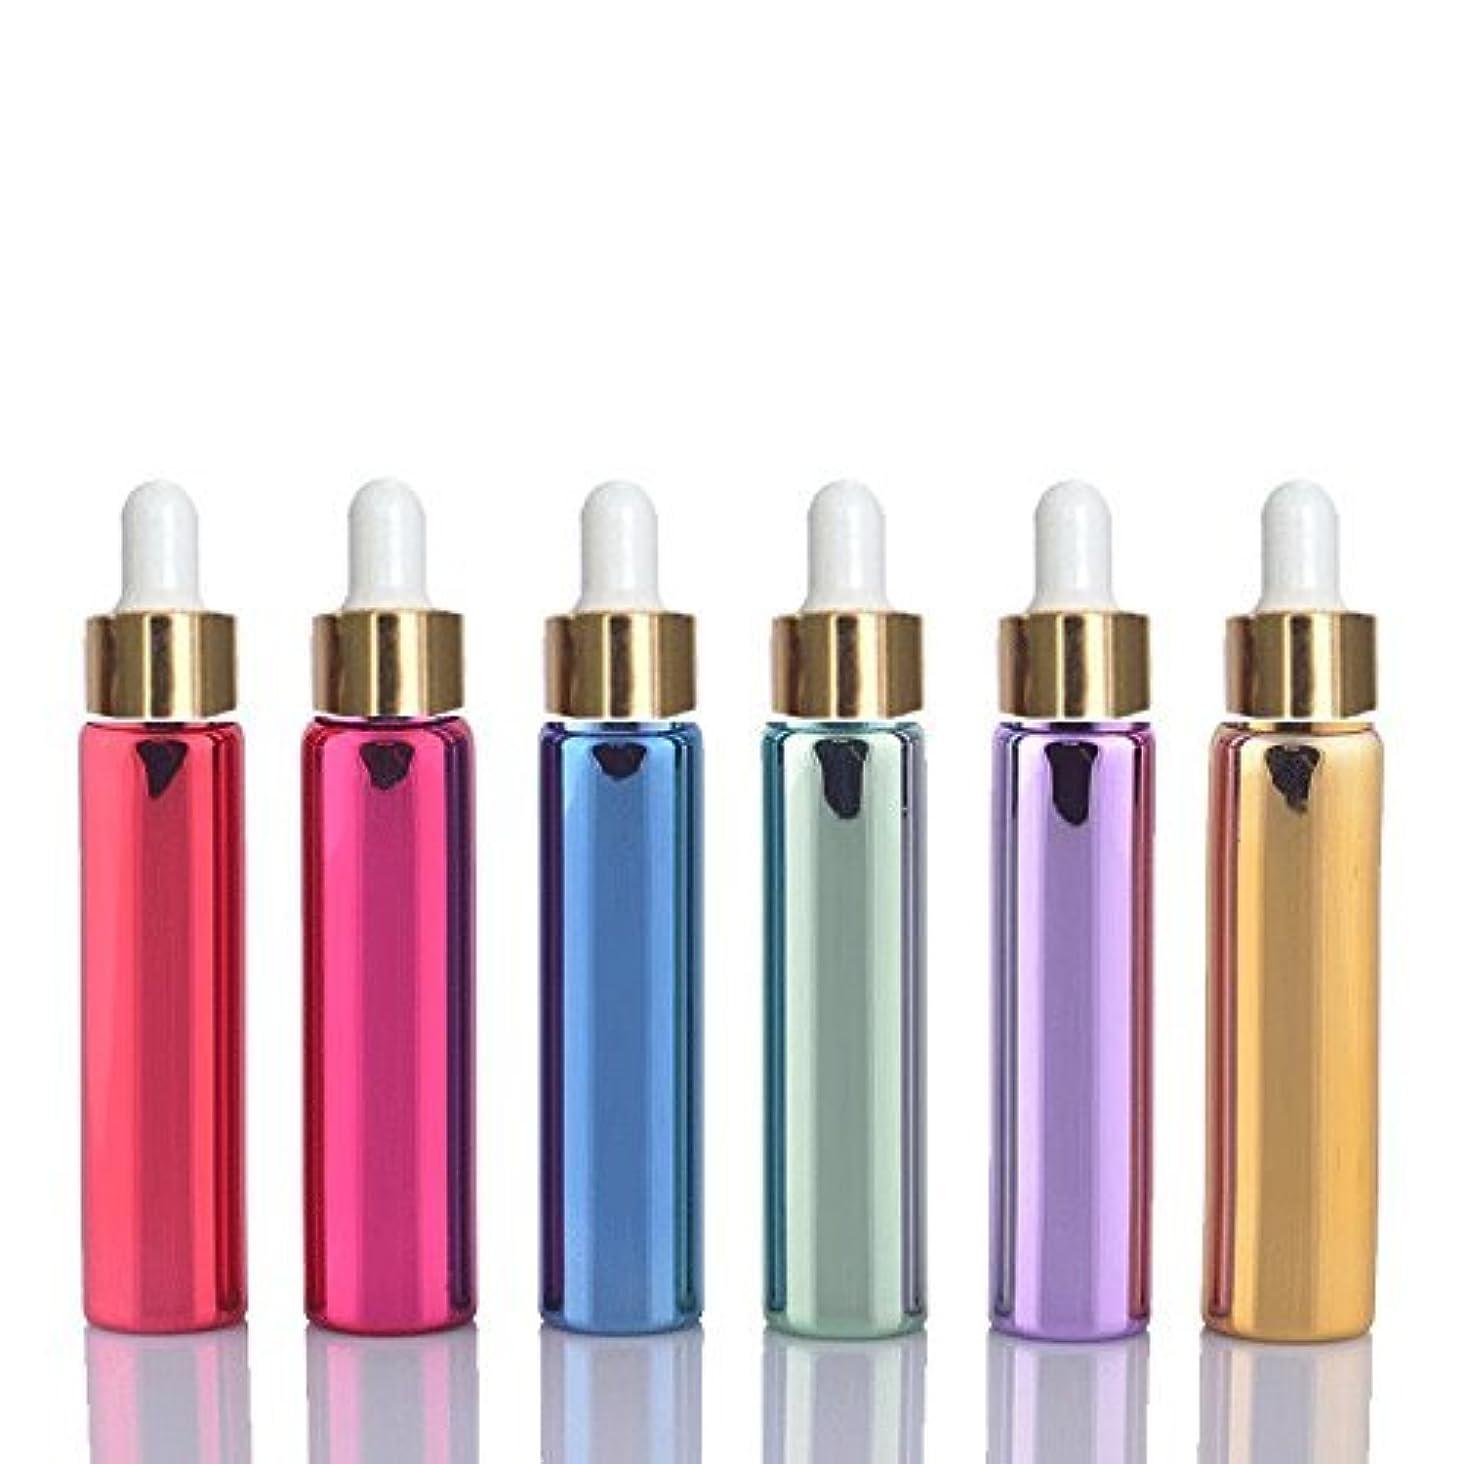 出血キルトフェンス6 Sets Assorted 10ml UV Coated Glass Dropper Bottles Grand Parfums Refillable Dropper Bottles with Glass Pipette...